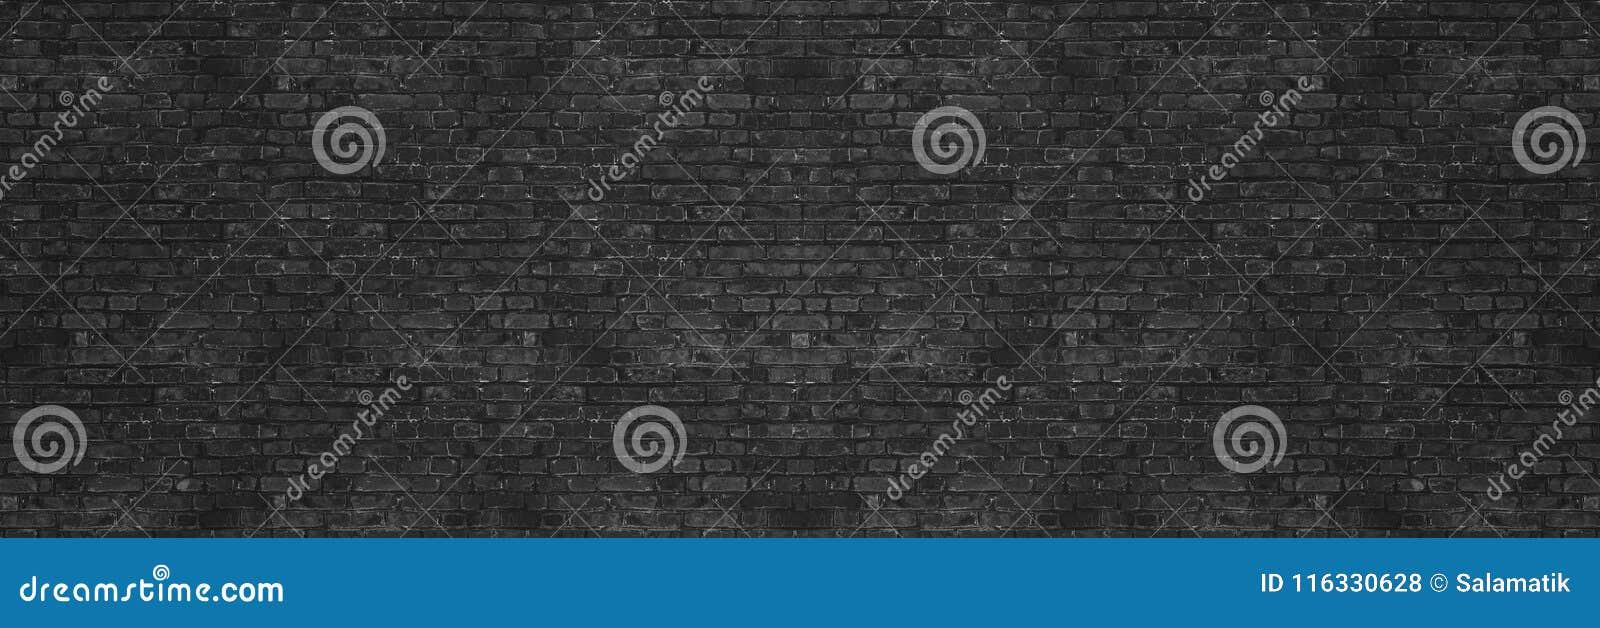 Textur för vägg för tegelsten för tappningsvartwash för design Panorama- bakgrund för din text eller bild